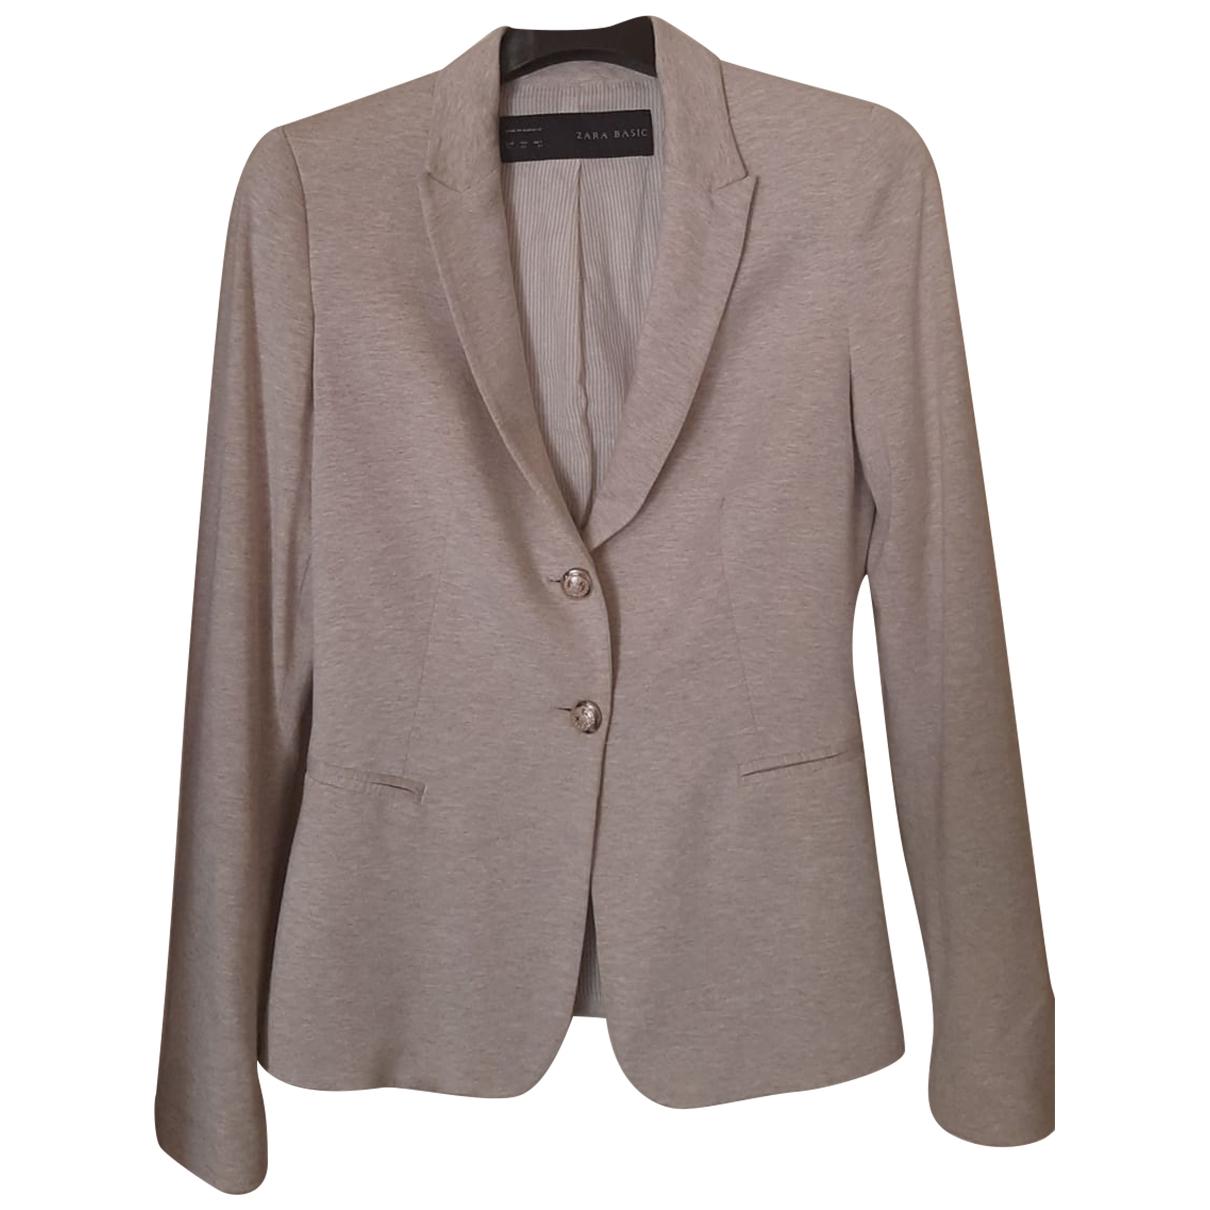 Zara \N Beige Cotton jacket for Women XS International